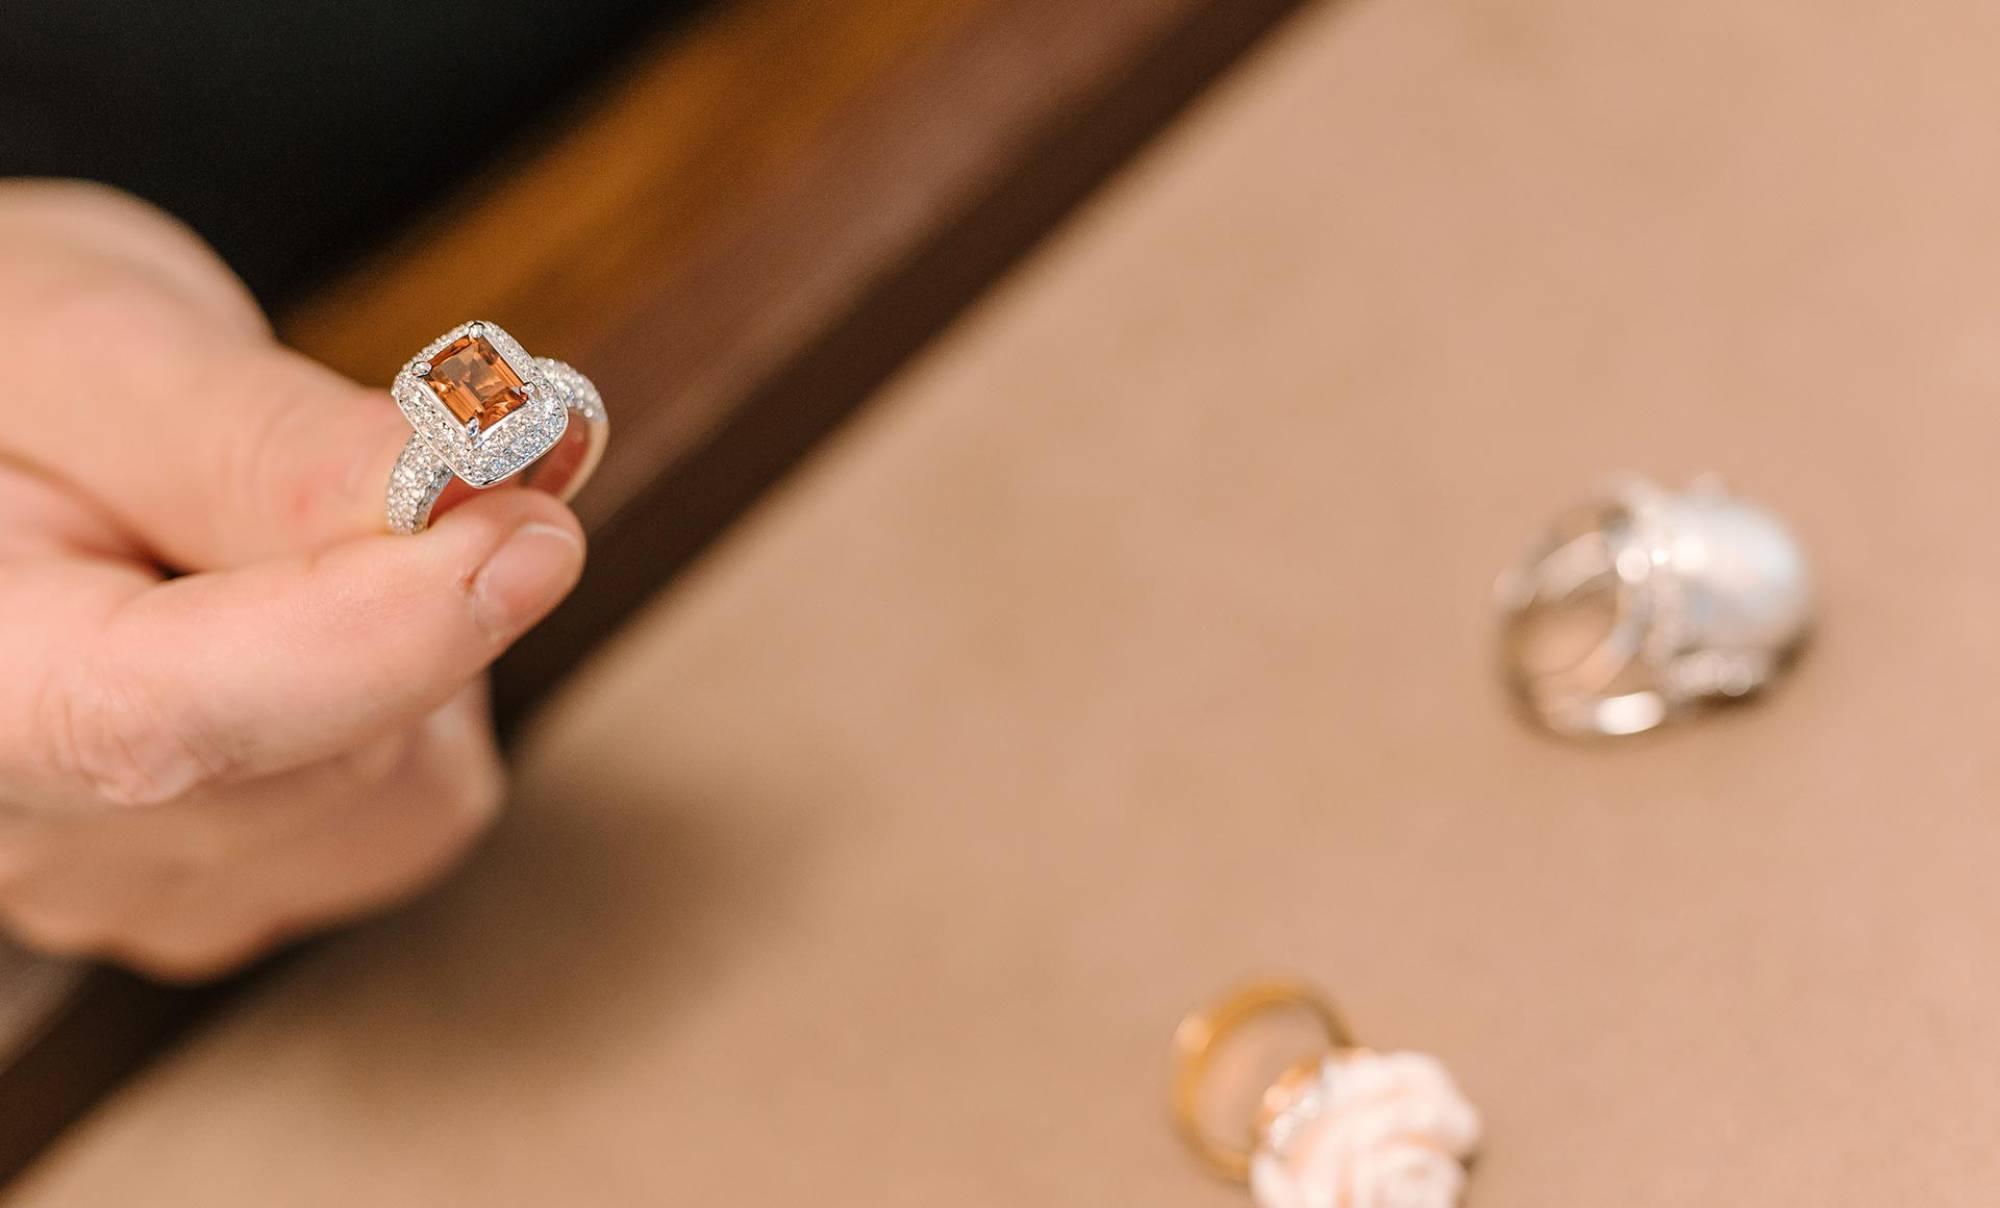 Gioielleria Villa Lissone, gioielli in oro, diamanti e pietre preziose